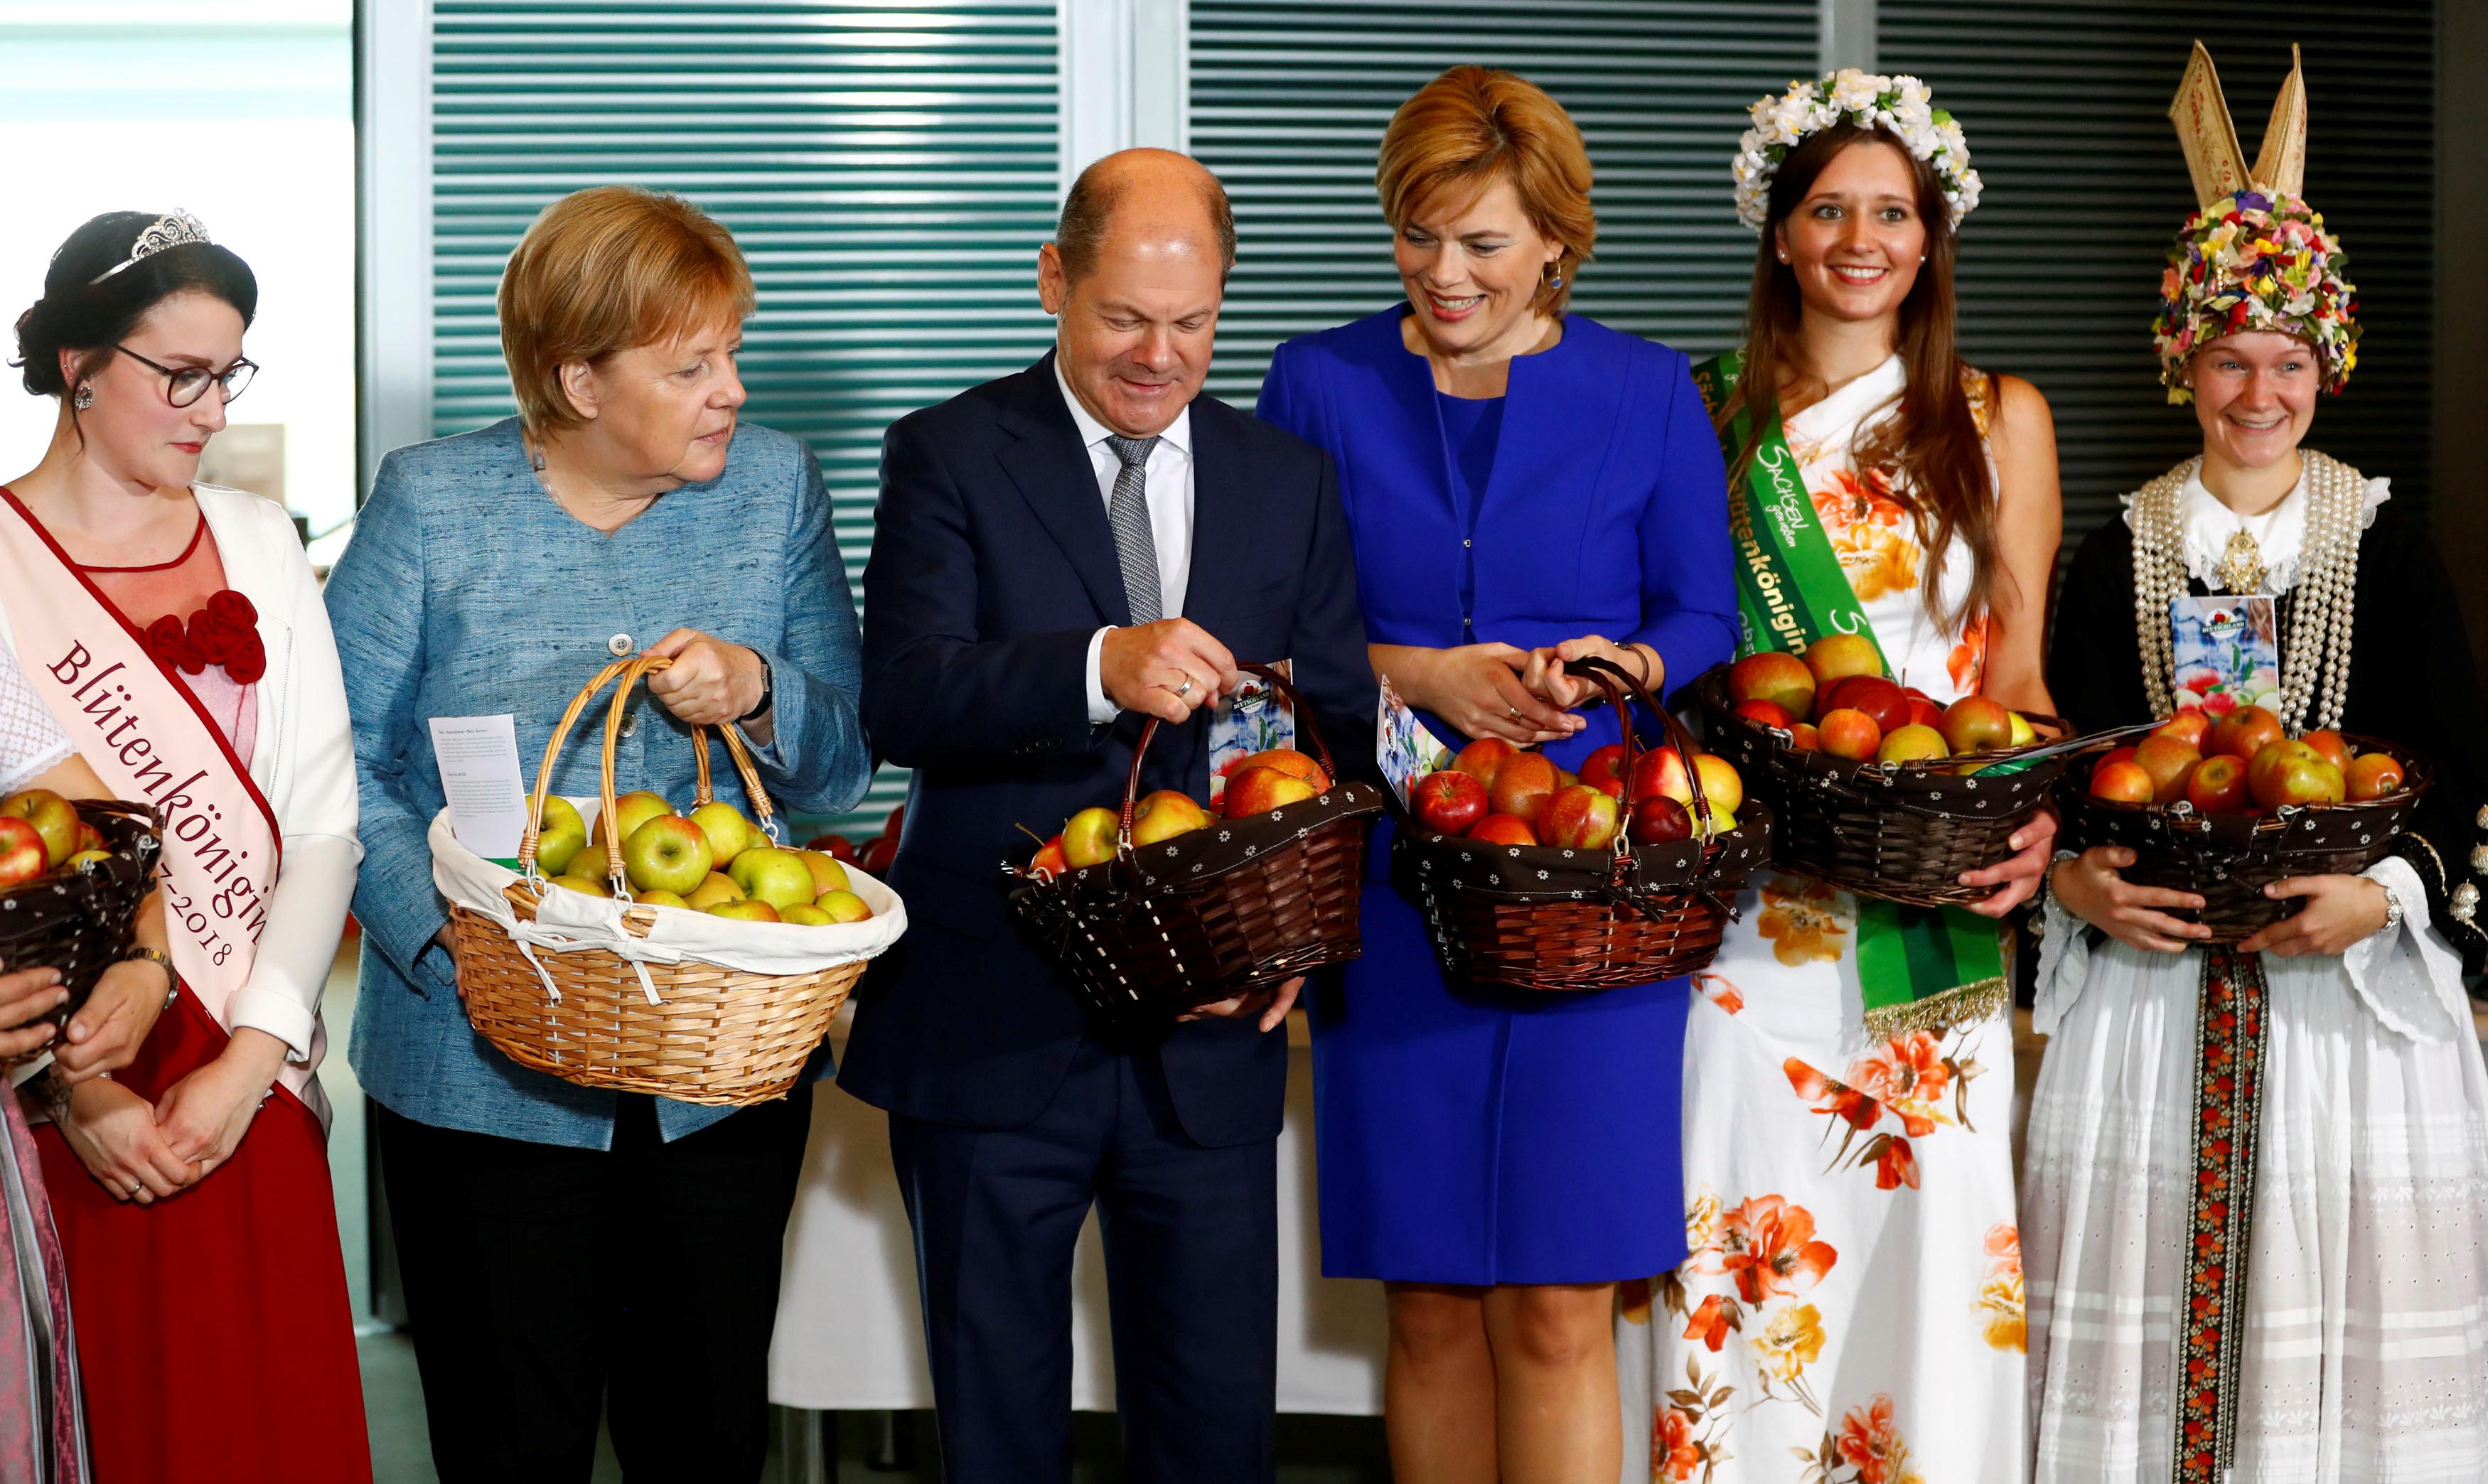 ميركل وعدد من وزرائها يحملون التفاح